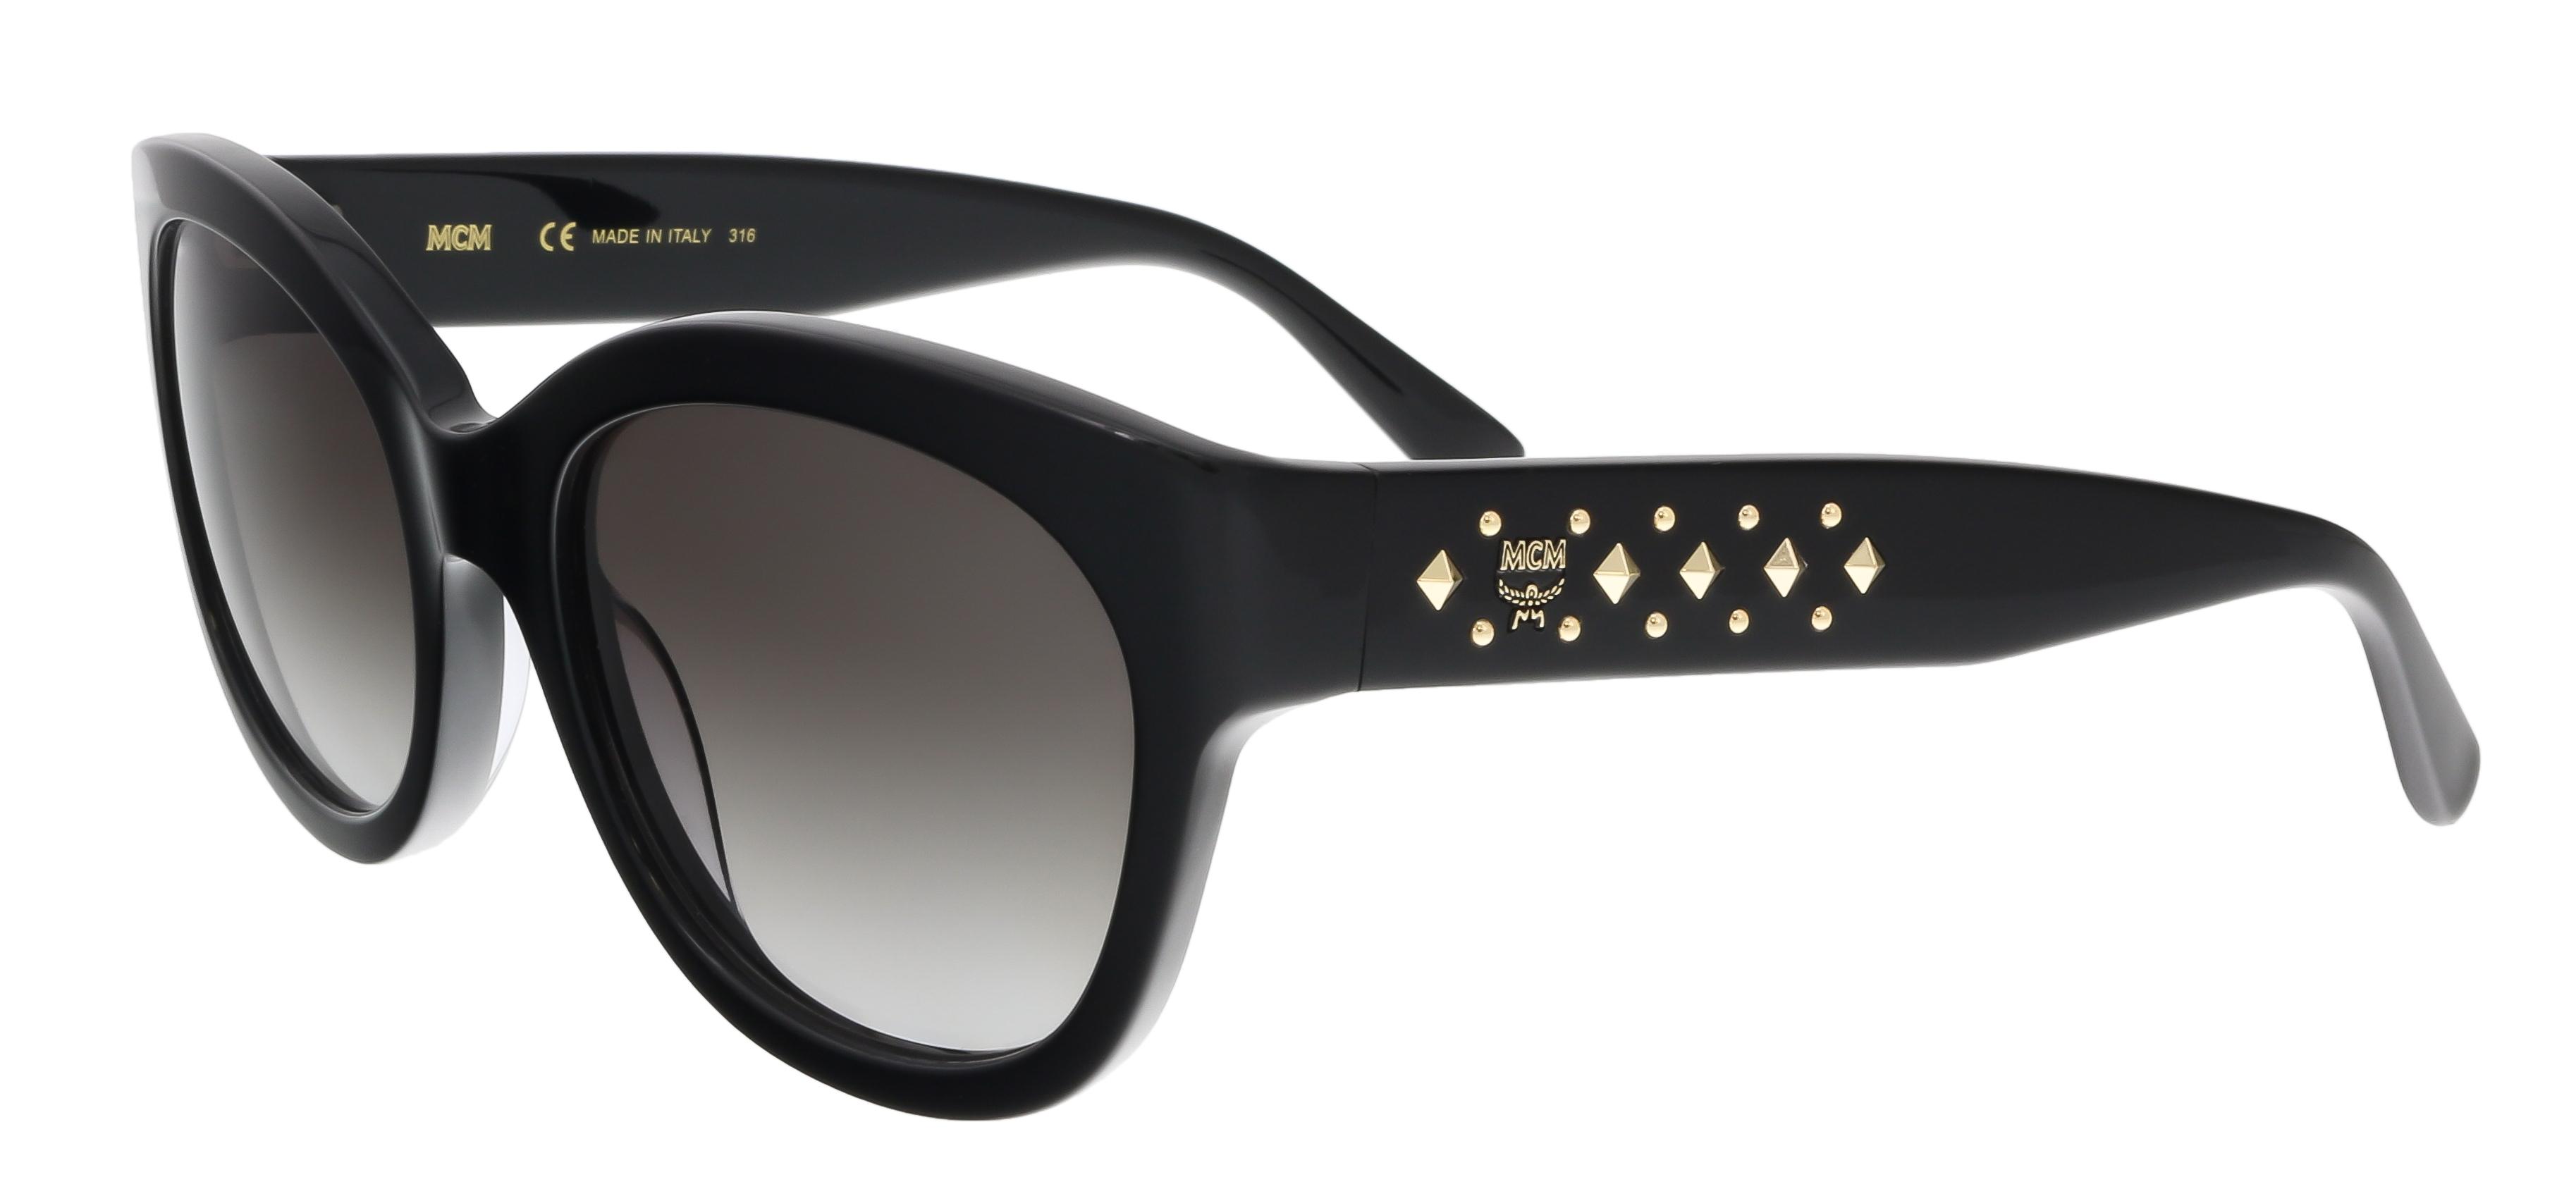 MCM606S 001 Black Cat Eye Feline Sunglasses